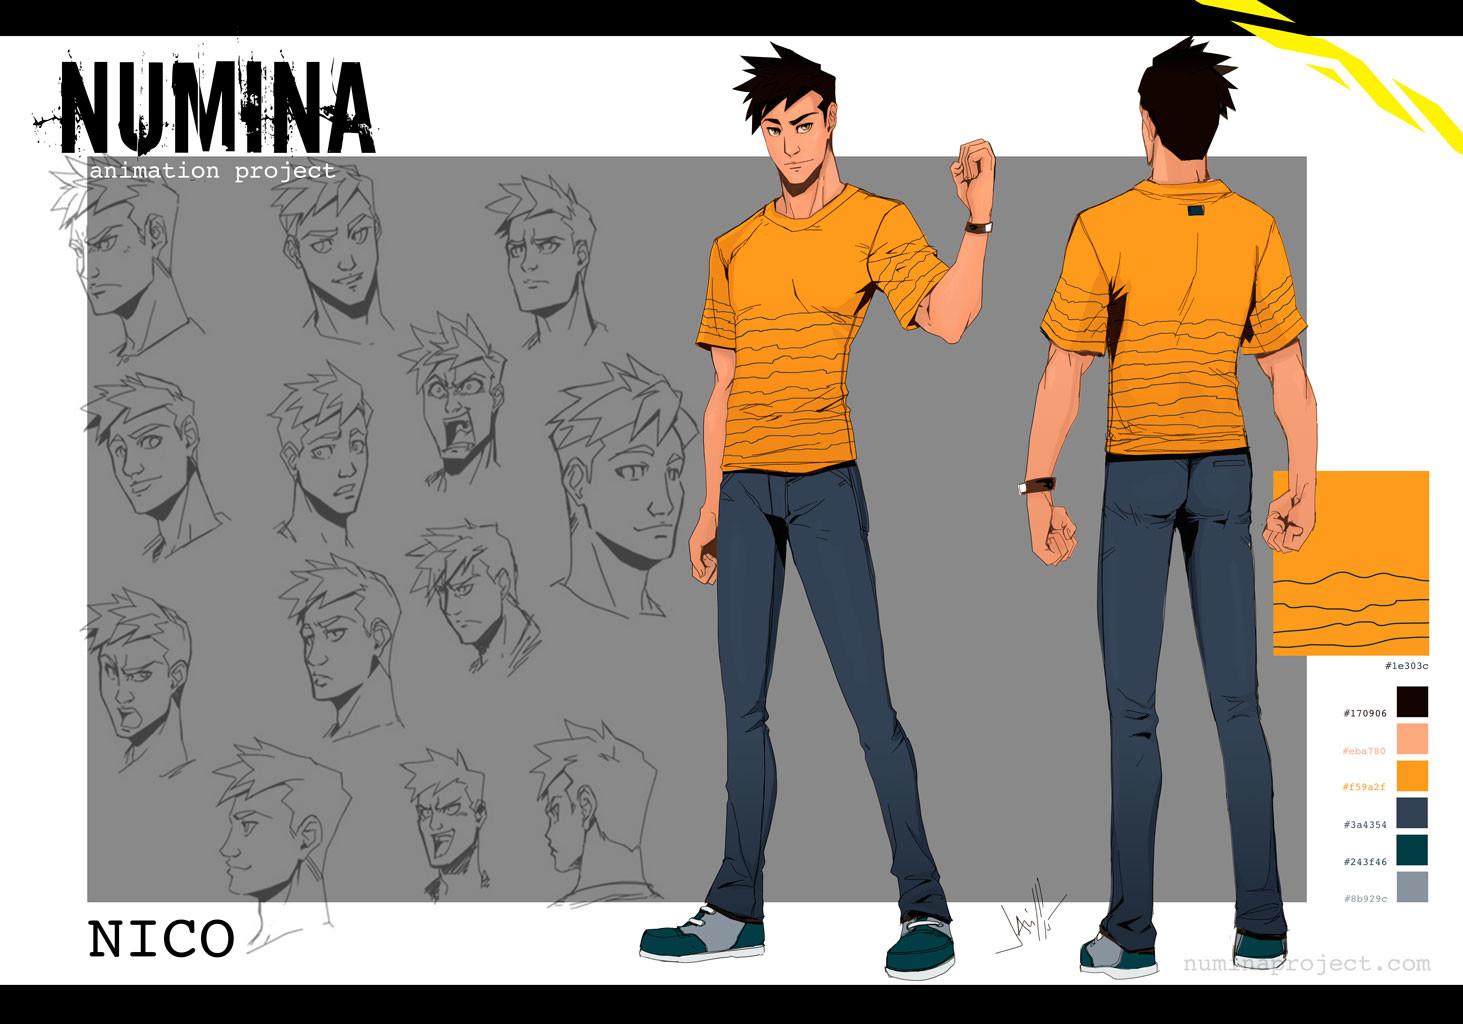 Javier bolado nico character sheet